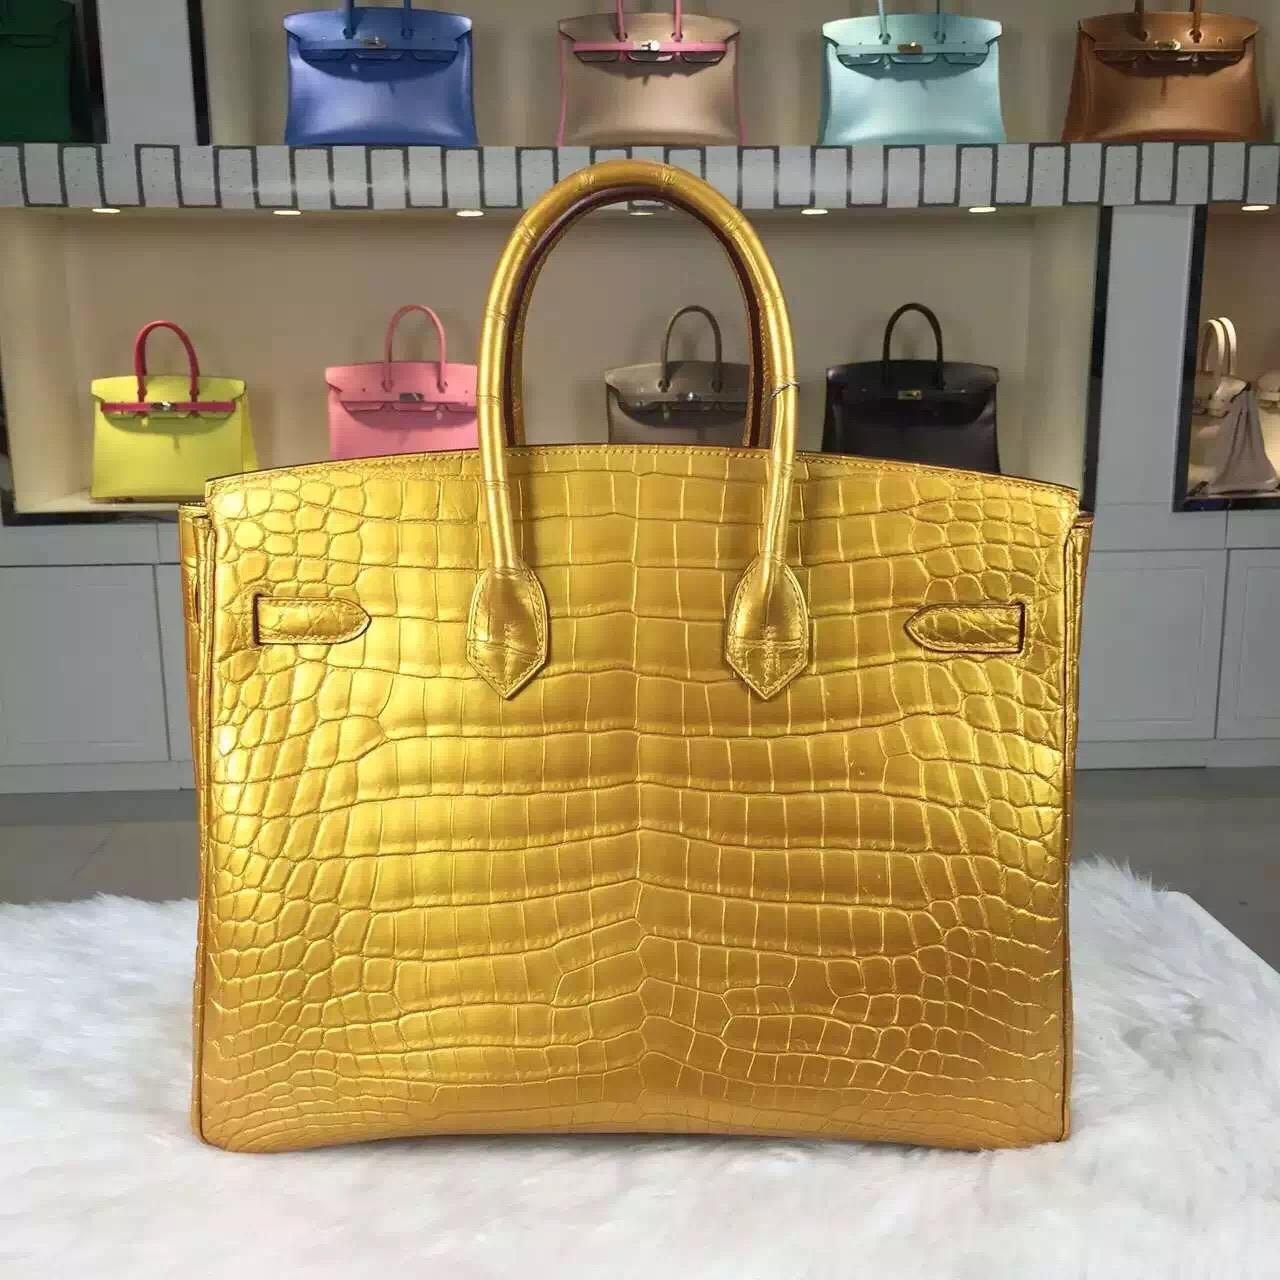 Discount Hermes Birkin Bag35cm Gold HCP Crocodile Leather Ladies' Top Handles